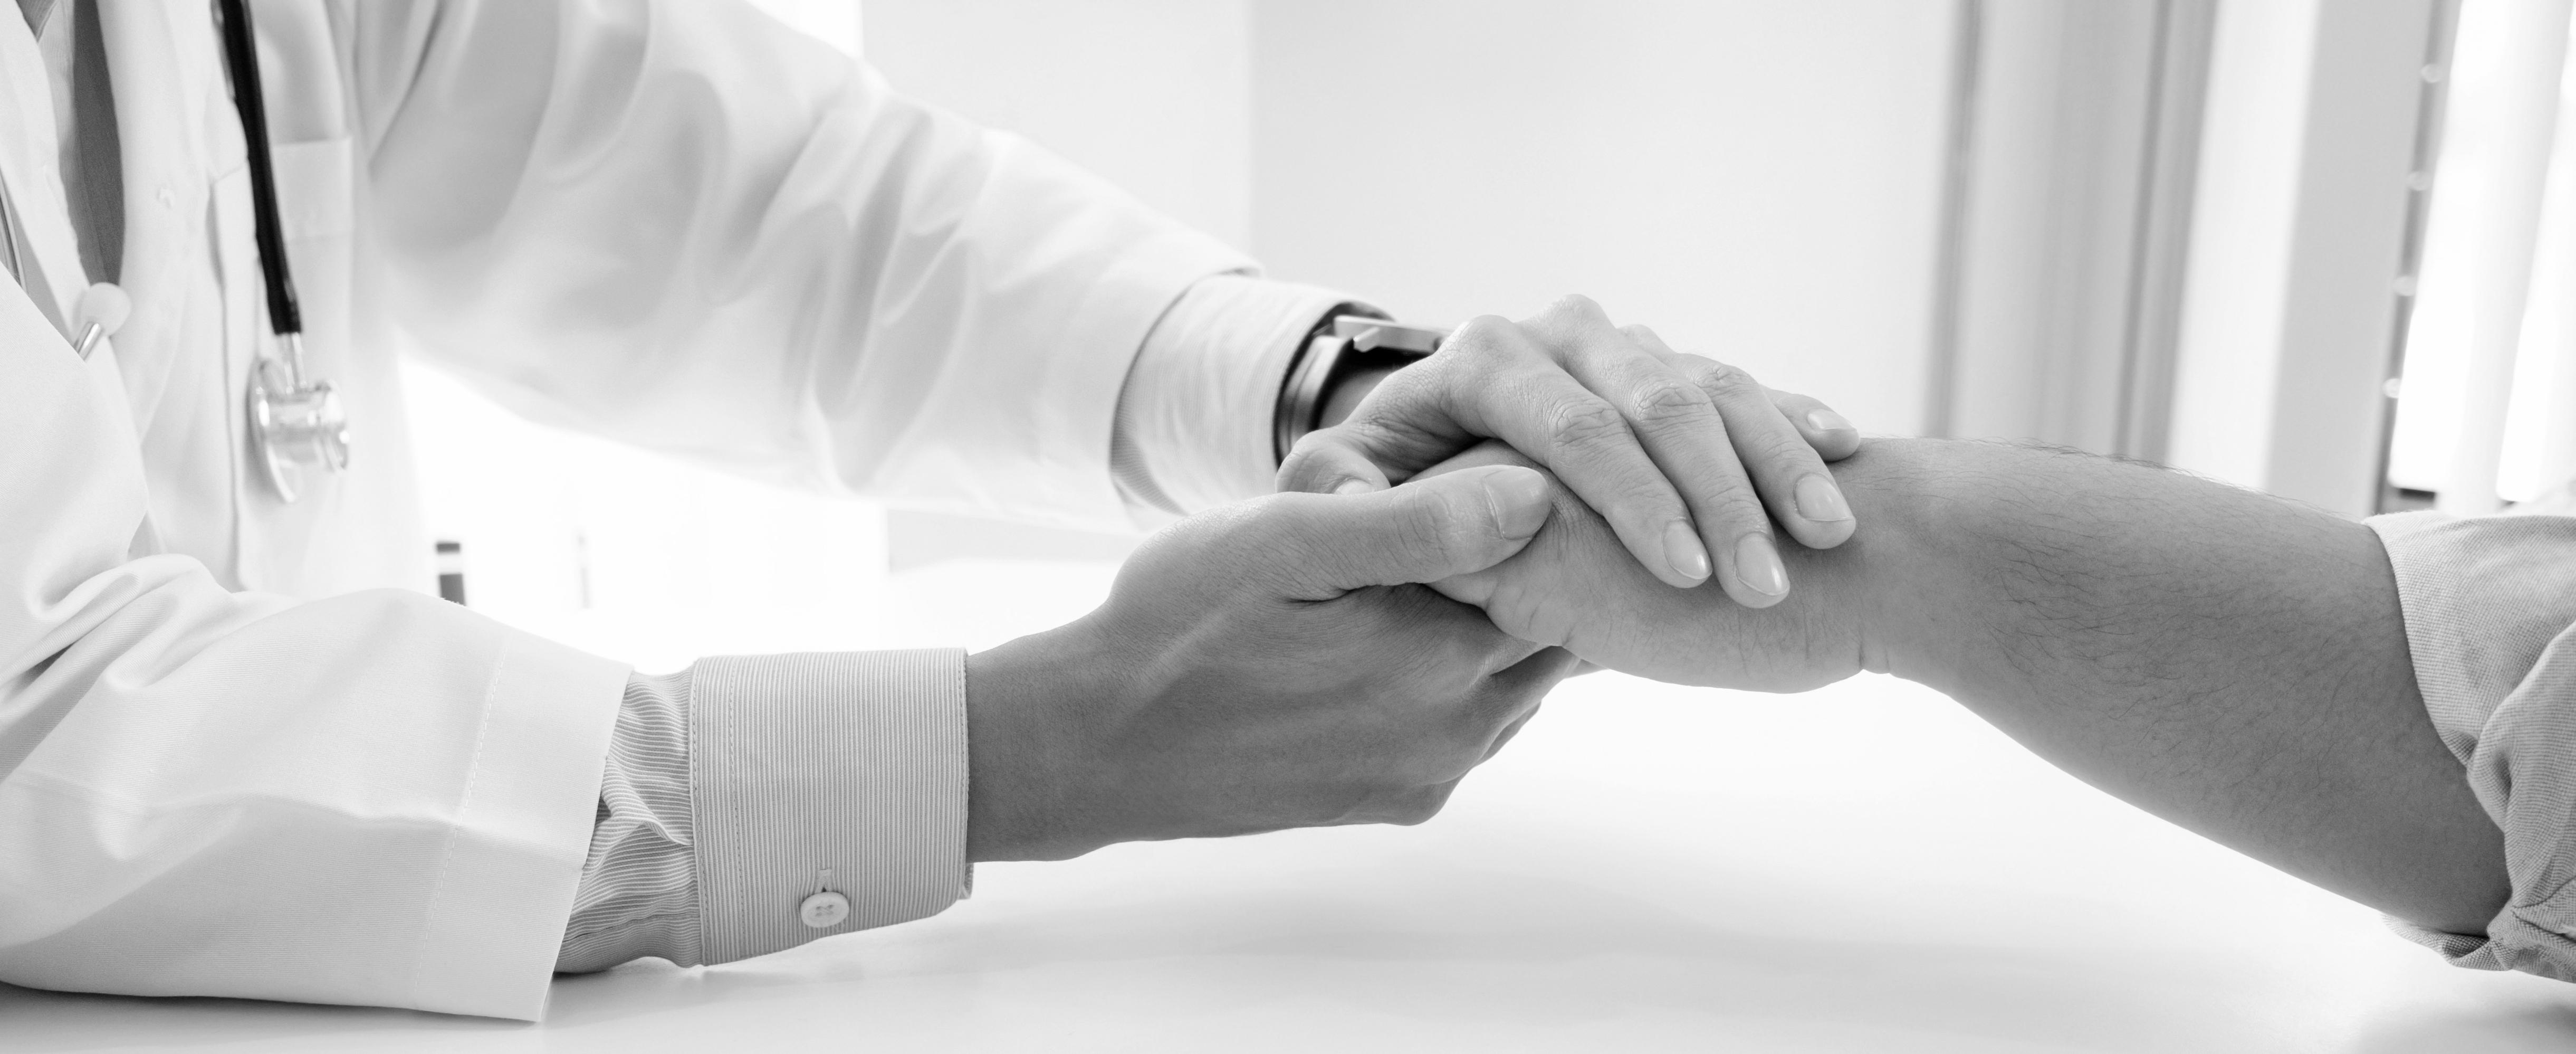 asociación española de esclerósis múltiple